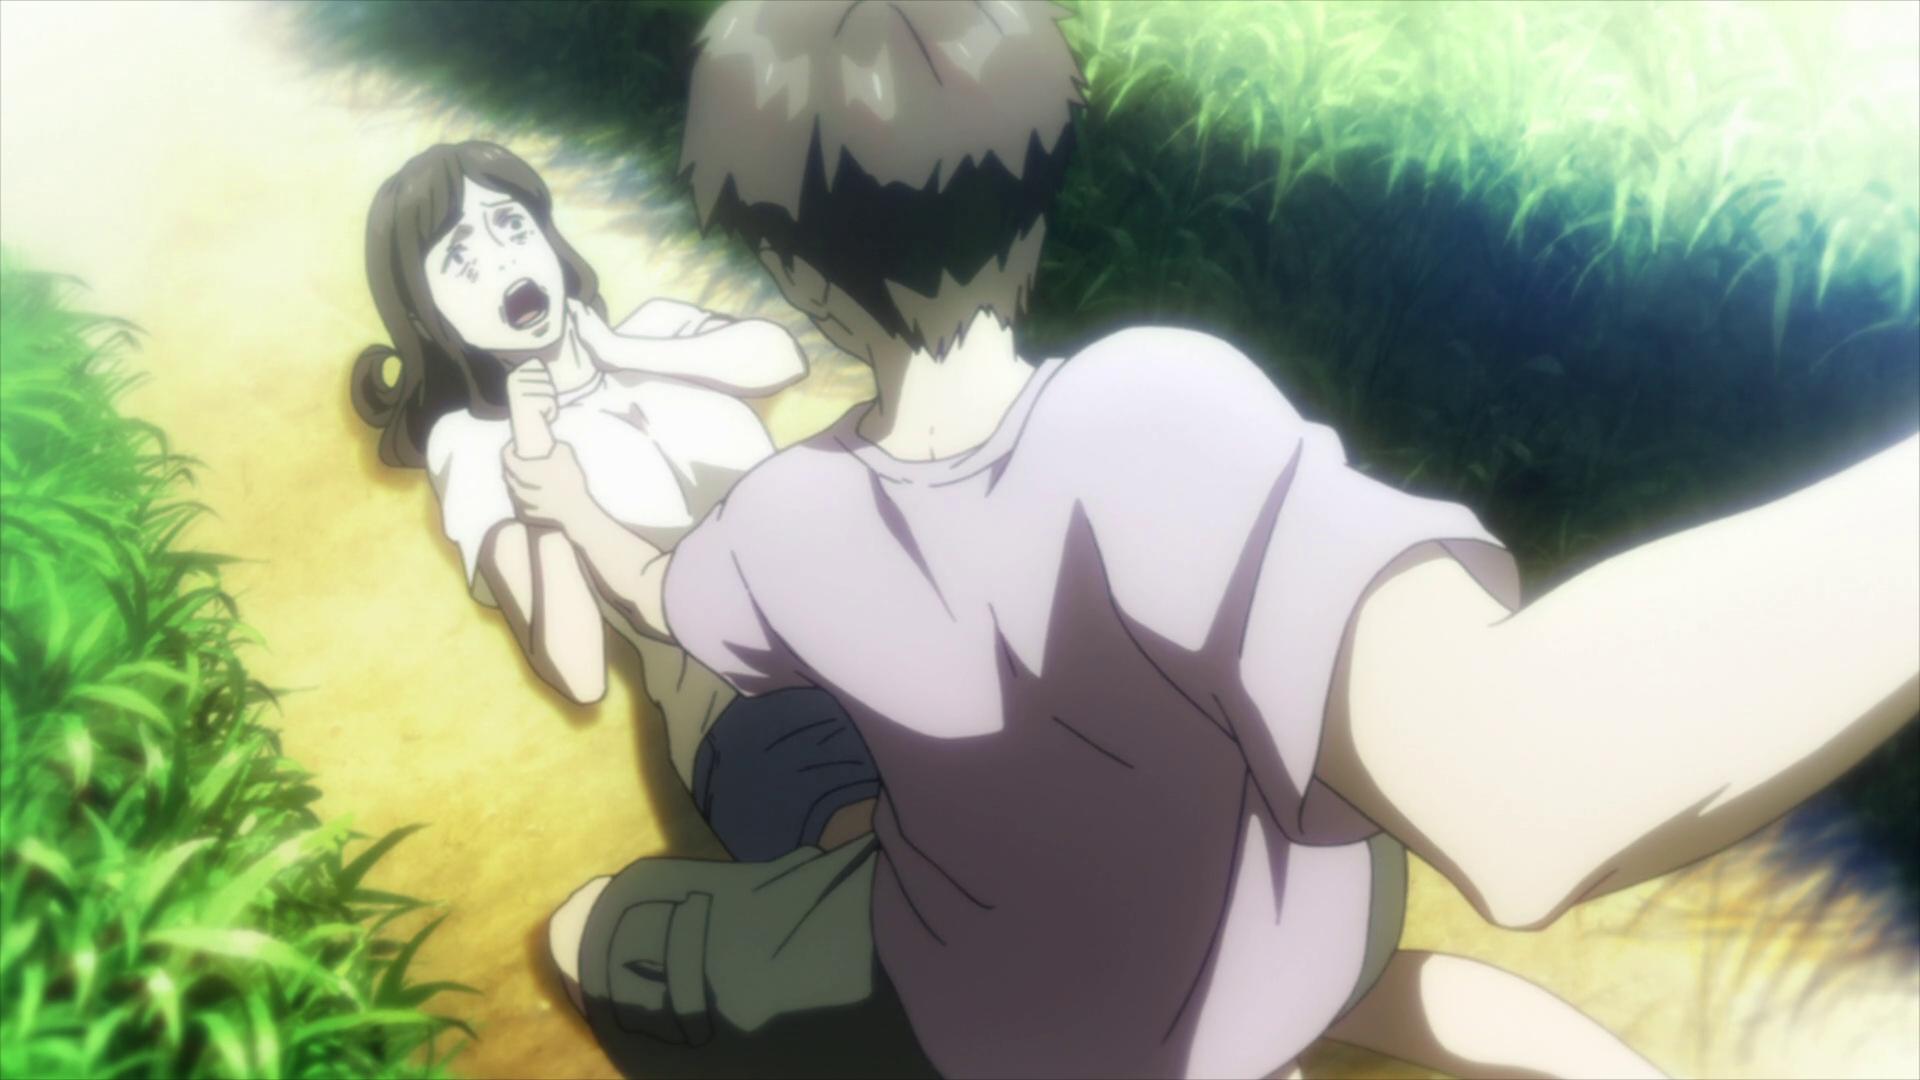 kiseij u016b  sei no kakuritsu episode 19